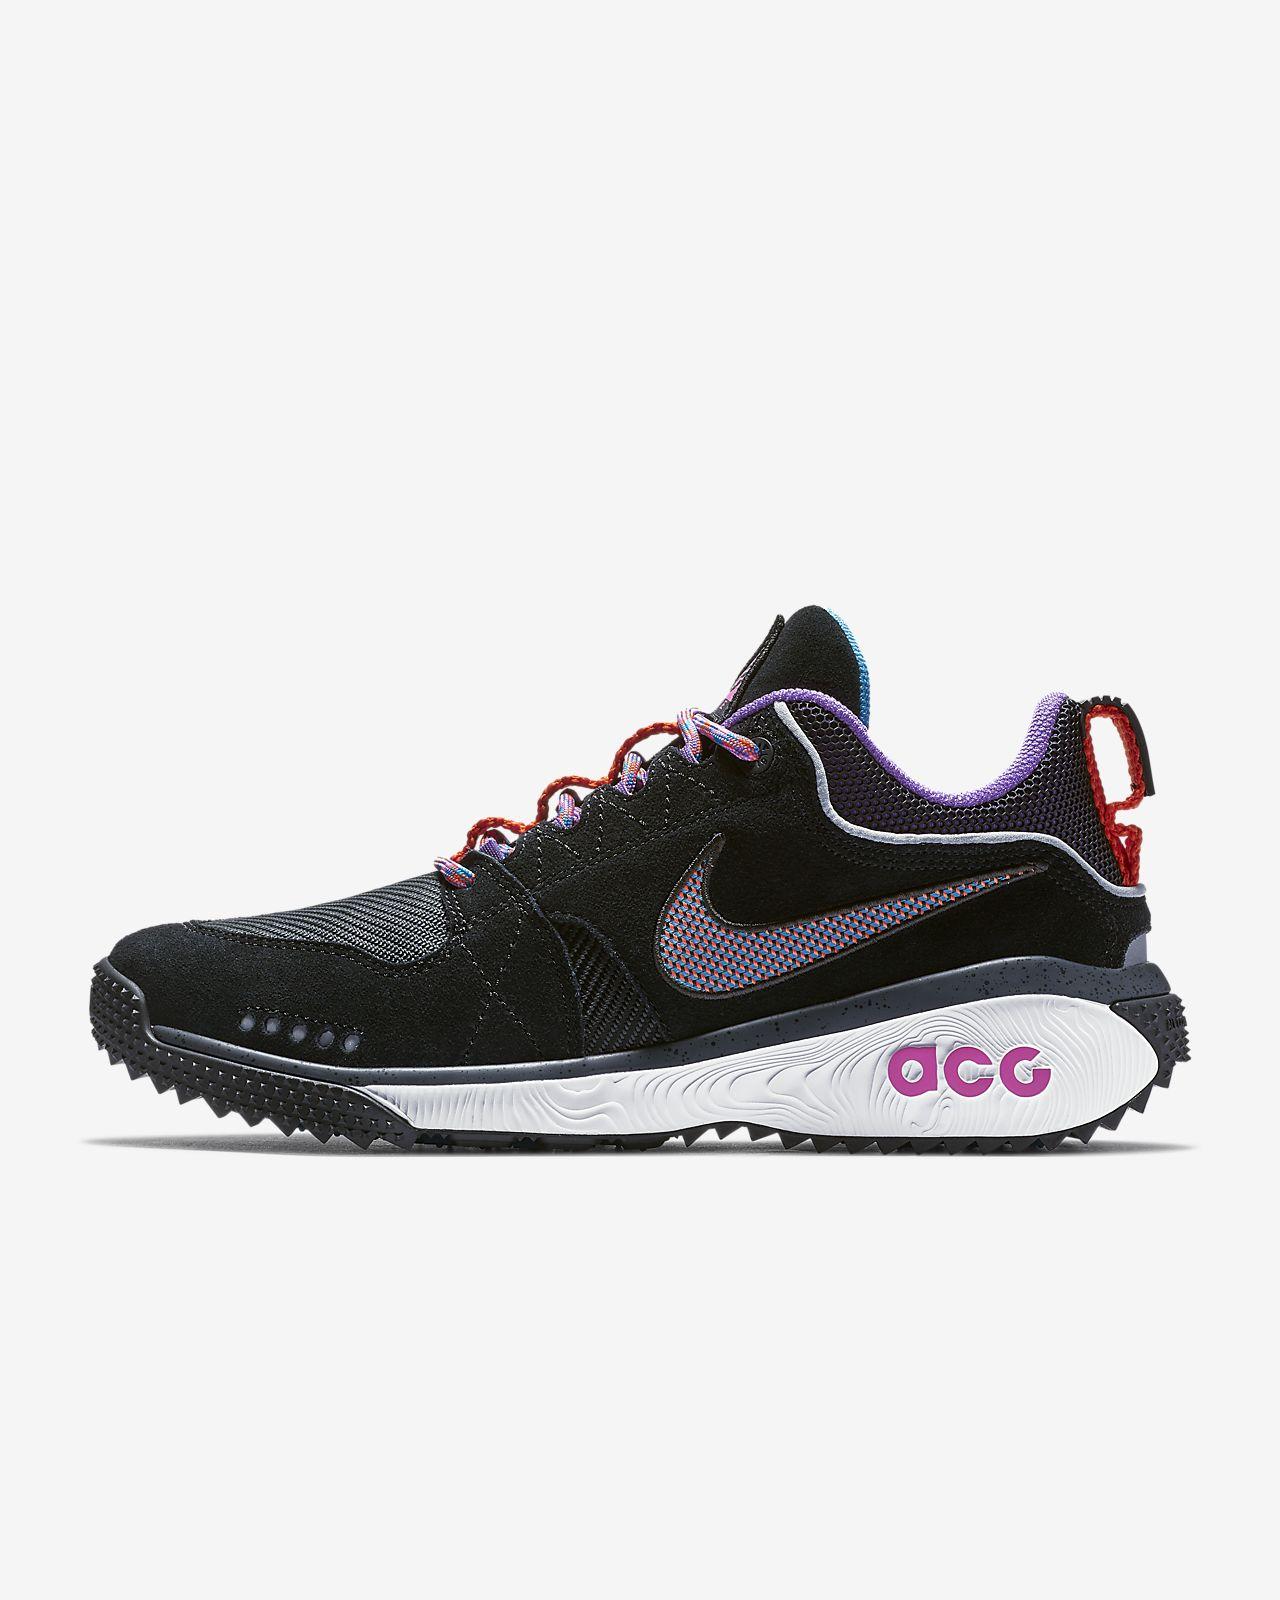 cad7550feacf Nike ACG Dog Mountain Men s Shoe. Nike.com IN